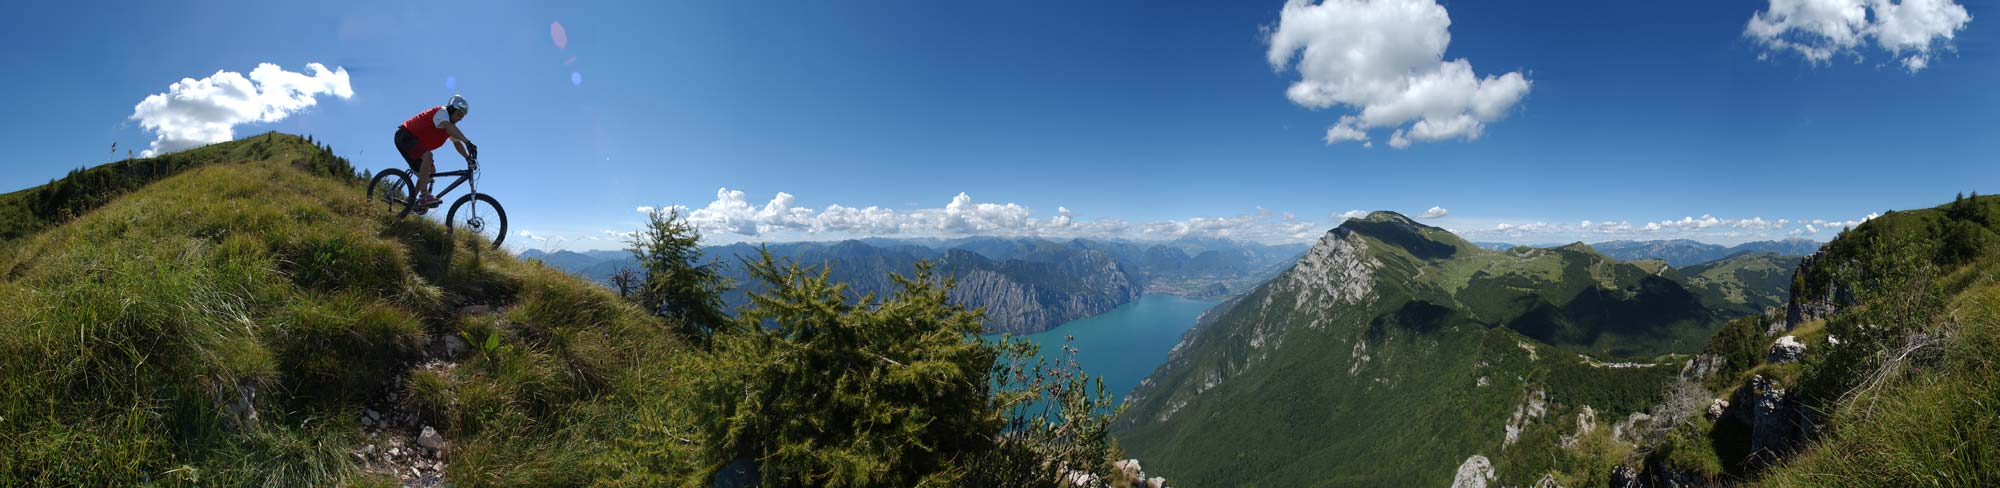 Nikon d1x, f 5.6, 1/800 s, 15 mm, 360 fokos panorámakép, amely 10 képből lett összemontírozva - bringás: Livio Dematté, helyszín: Garda-tó - Ez volt az egyik első kísérletem a panorámafotózás és akció egyesítésével. Hetekig vártunk a tökéletes időjárásra. A képen az egész Garda-tó menti bringás paradicsom látható